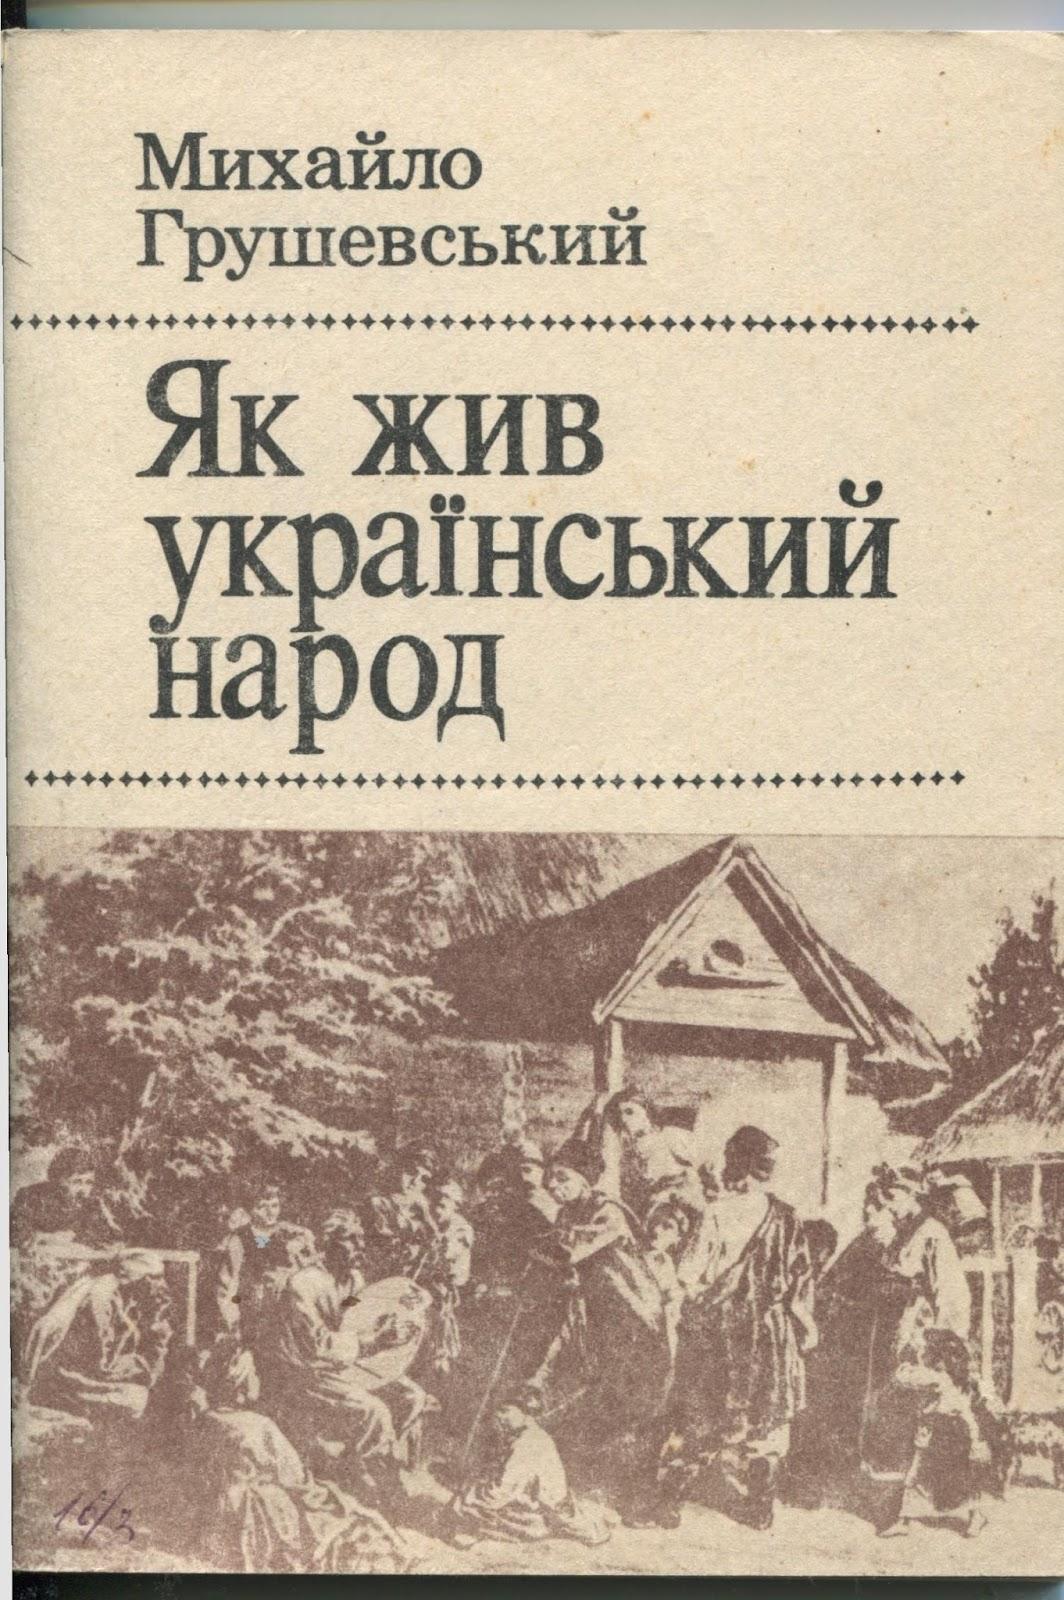 Фото літопису м гунашевського фото 63-179